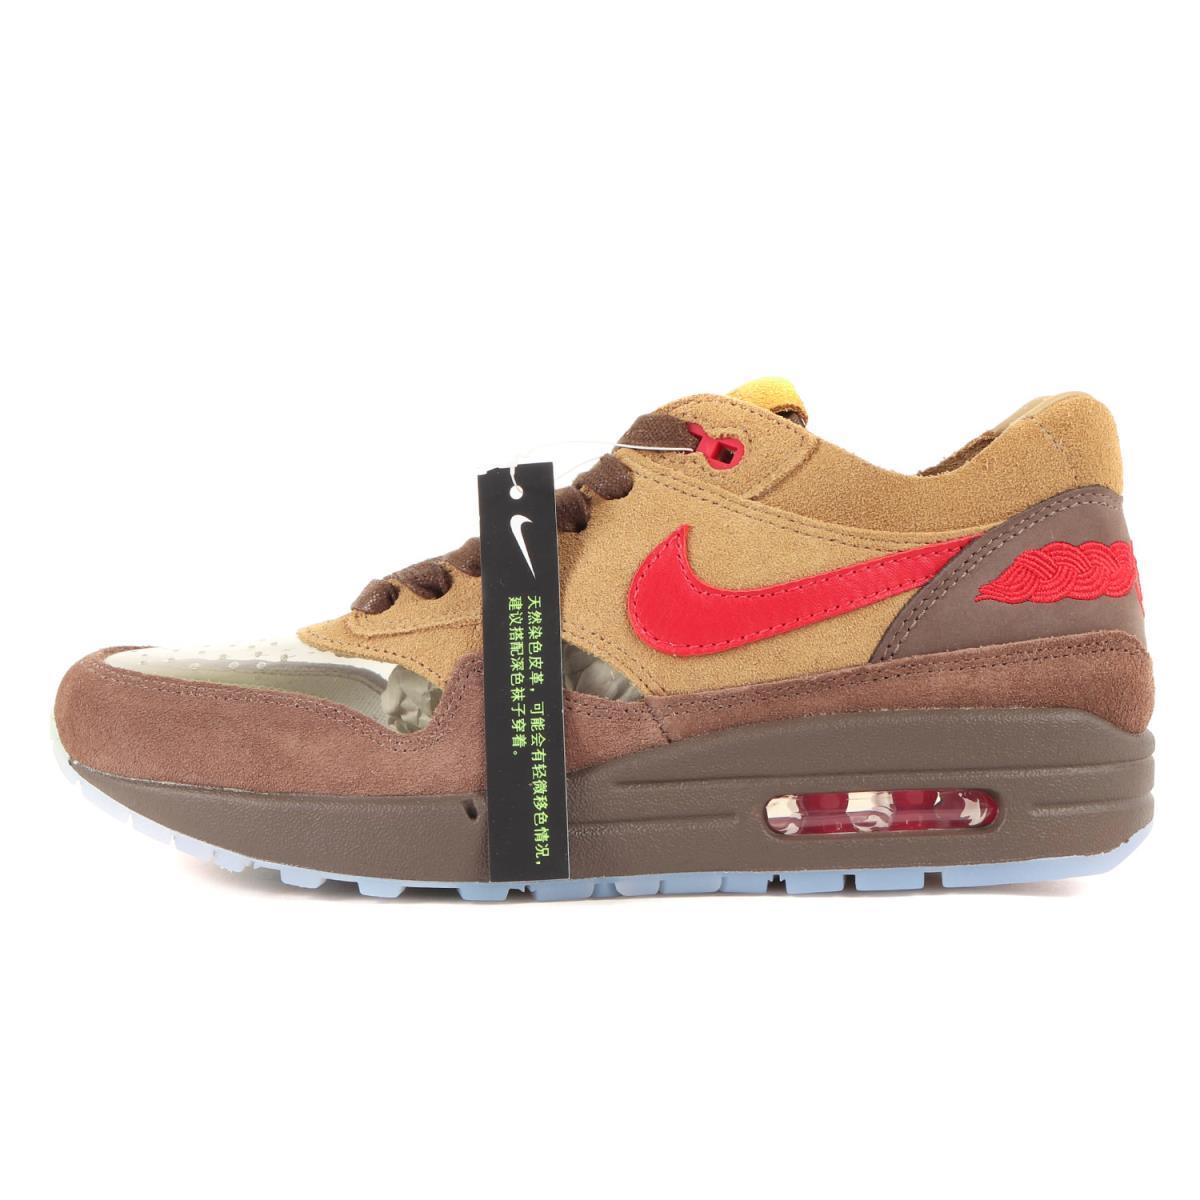 メンズ靴, スニーカー NIKE CLOT AIR MAX 1 KISS OF DEATH CHA DD1870-200 21SS US6.5(24.5cm) K3099